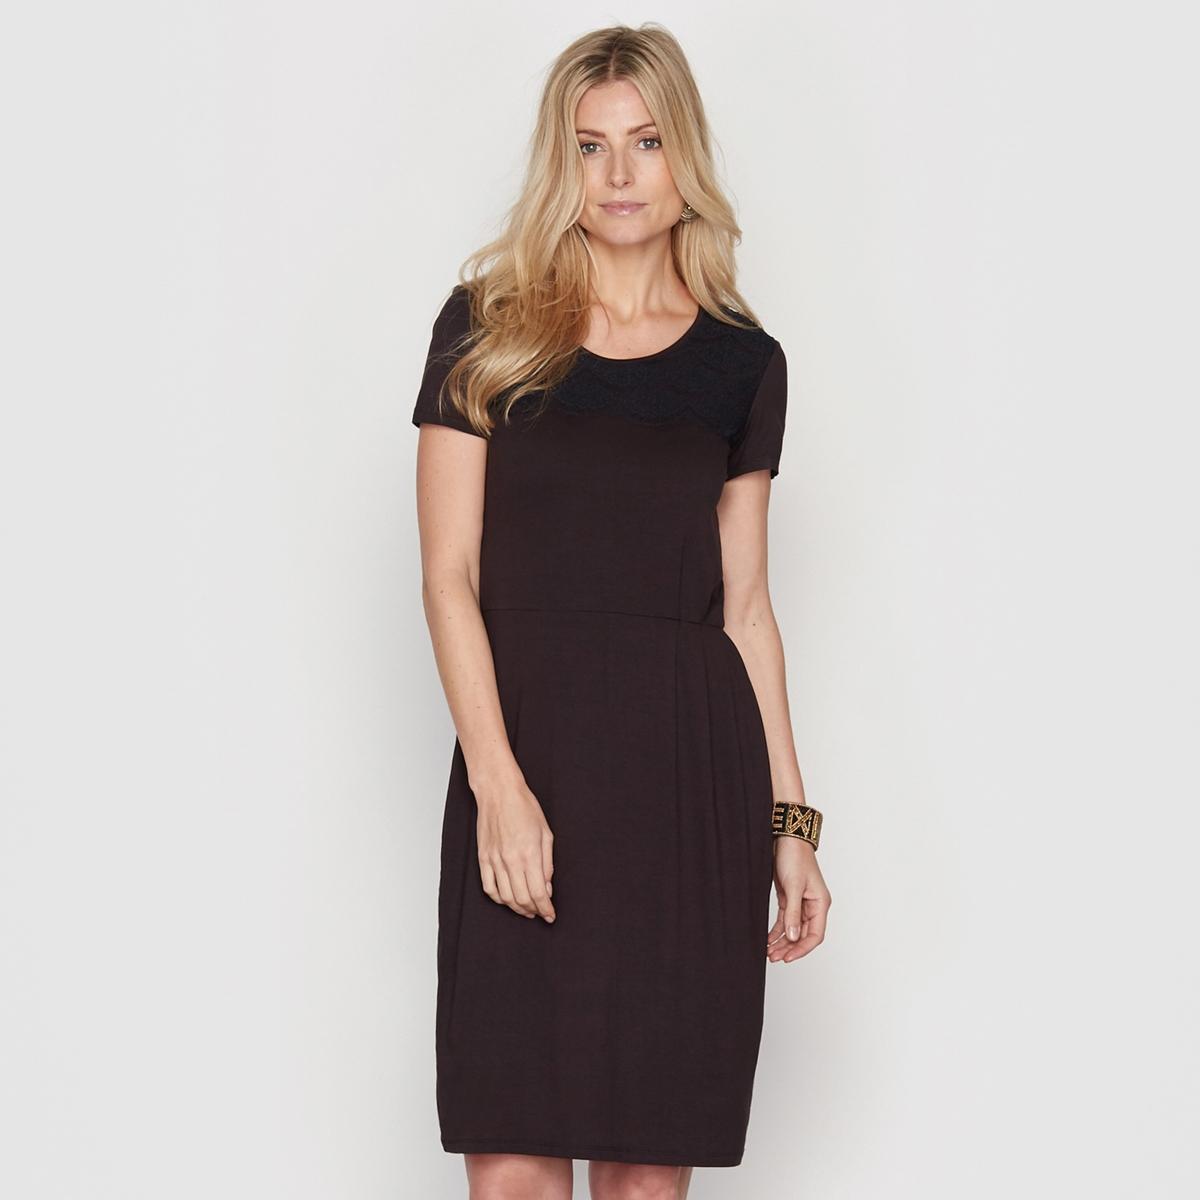 Платье с кружевными вставкамиПлатье. Изысканное, женственное и элегантное. Круглый вырез. Кружевная вставка спереди с фестонами.  Подкладка из полиэстера. Длина. 95 см. Трикотаж джерси, 95% вискозы, 5% эластана.<br><br>Цвет: черный<br>Размер: 50 (FR) - 56 (RUS)